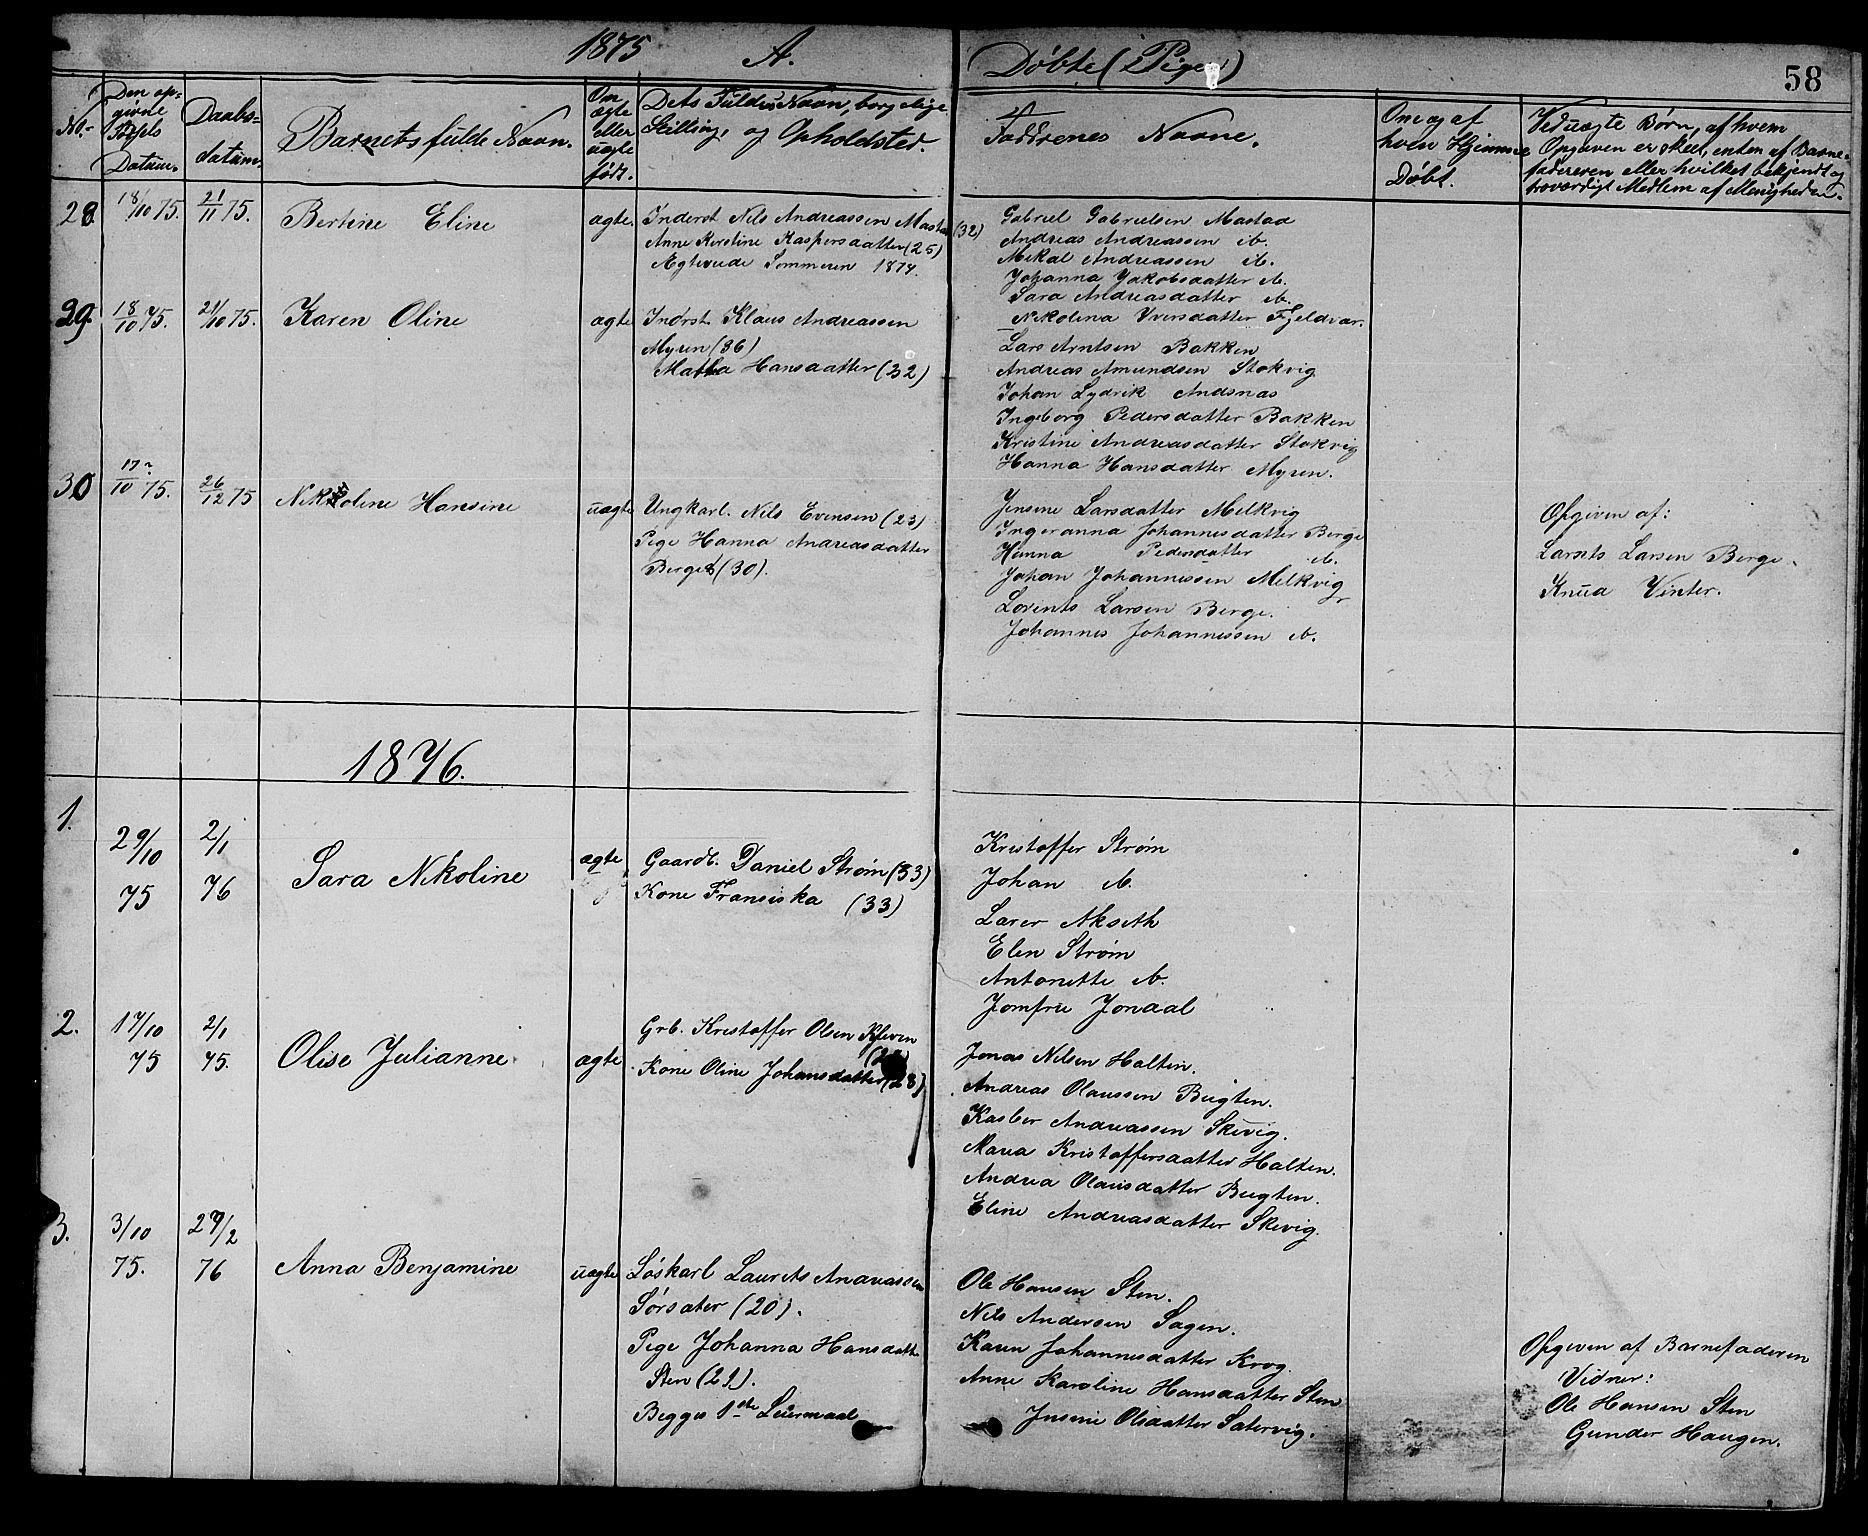 SAT, Ministerialprotokoller, klokkerbøker og fødselsregistre - Sør-Trøndelag, 637/L0561: Klokkerbok nr. 637C02, 1873-1882, s. 58